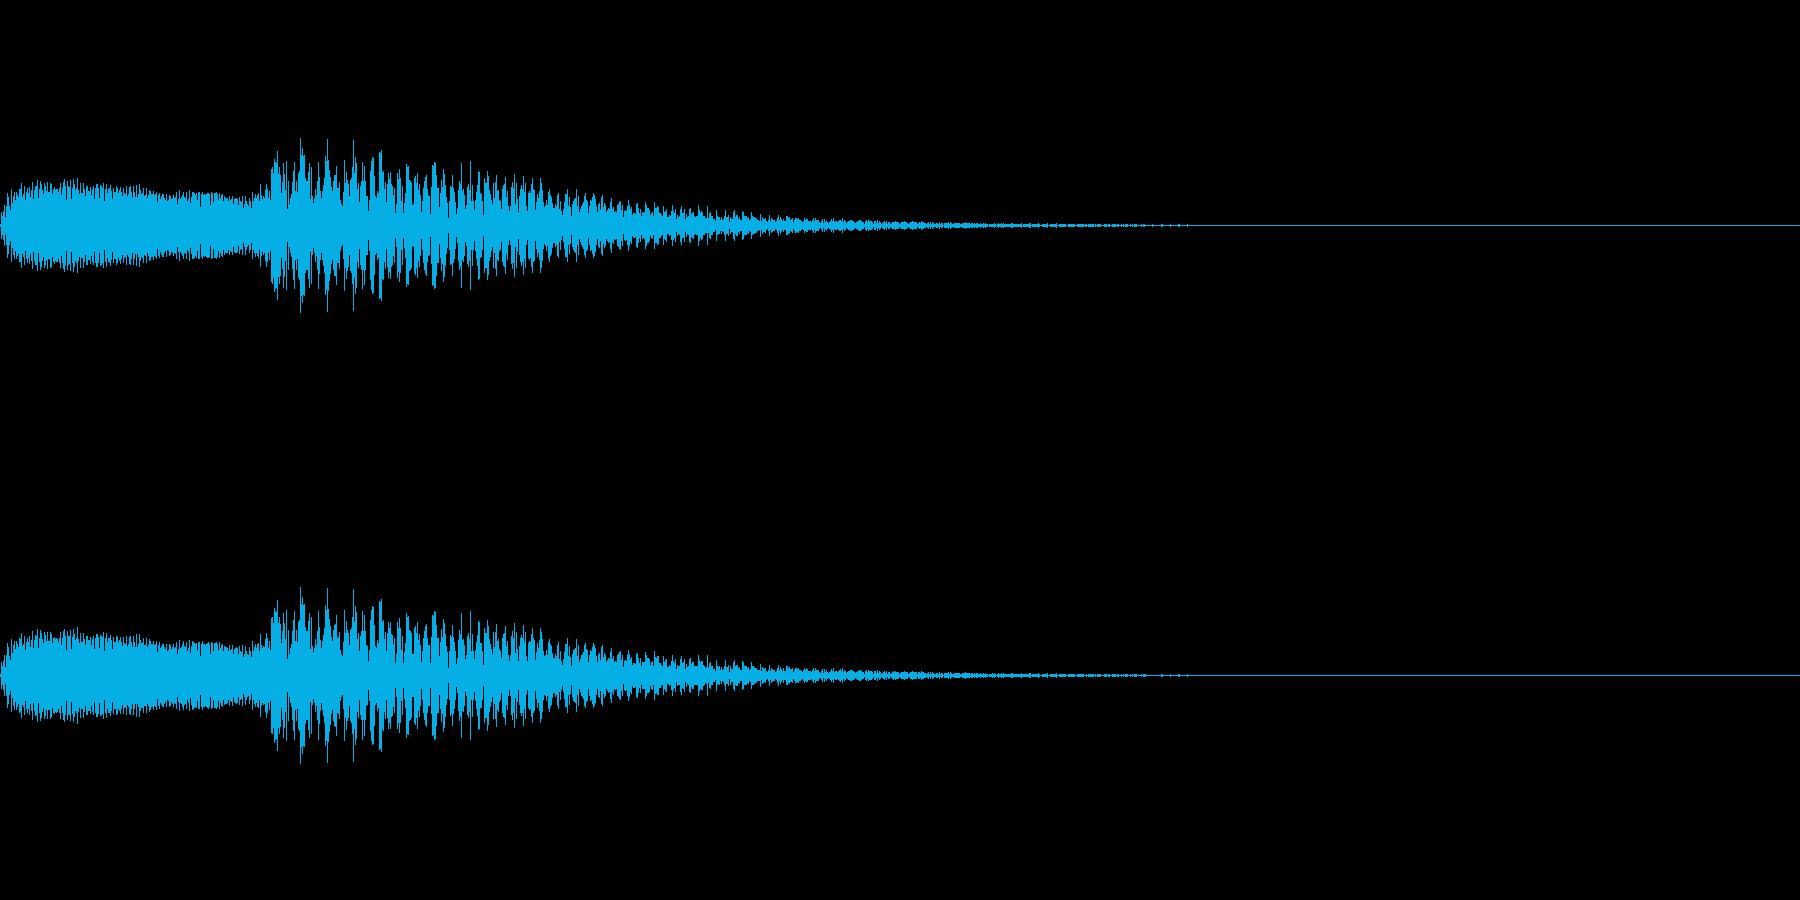 パパン(ピアノのエラー音)の再生済みの波形